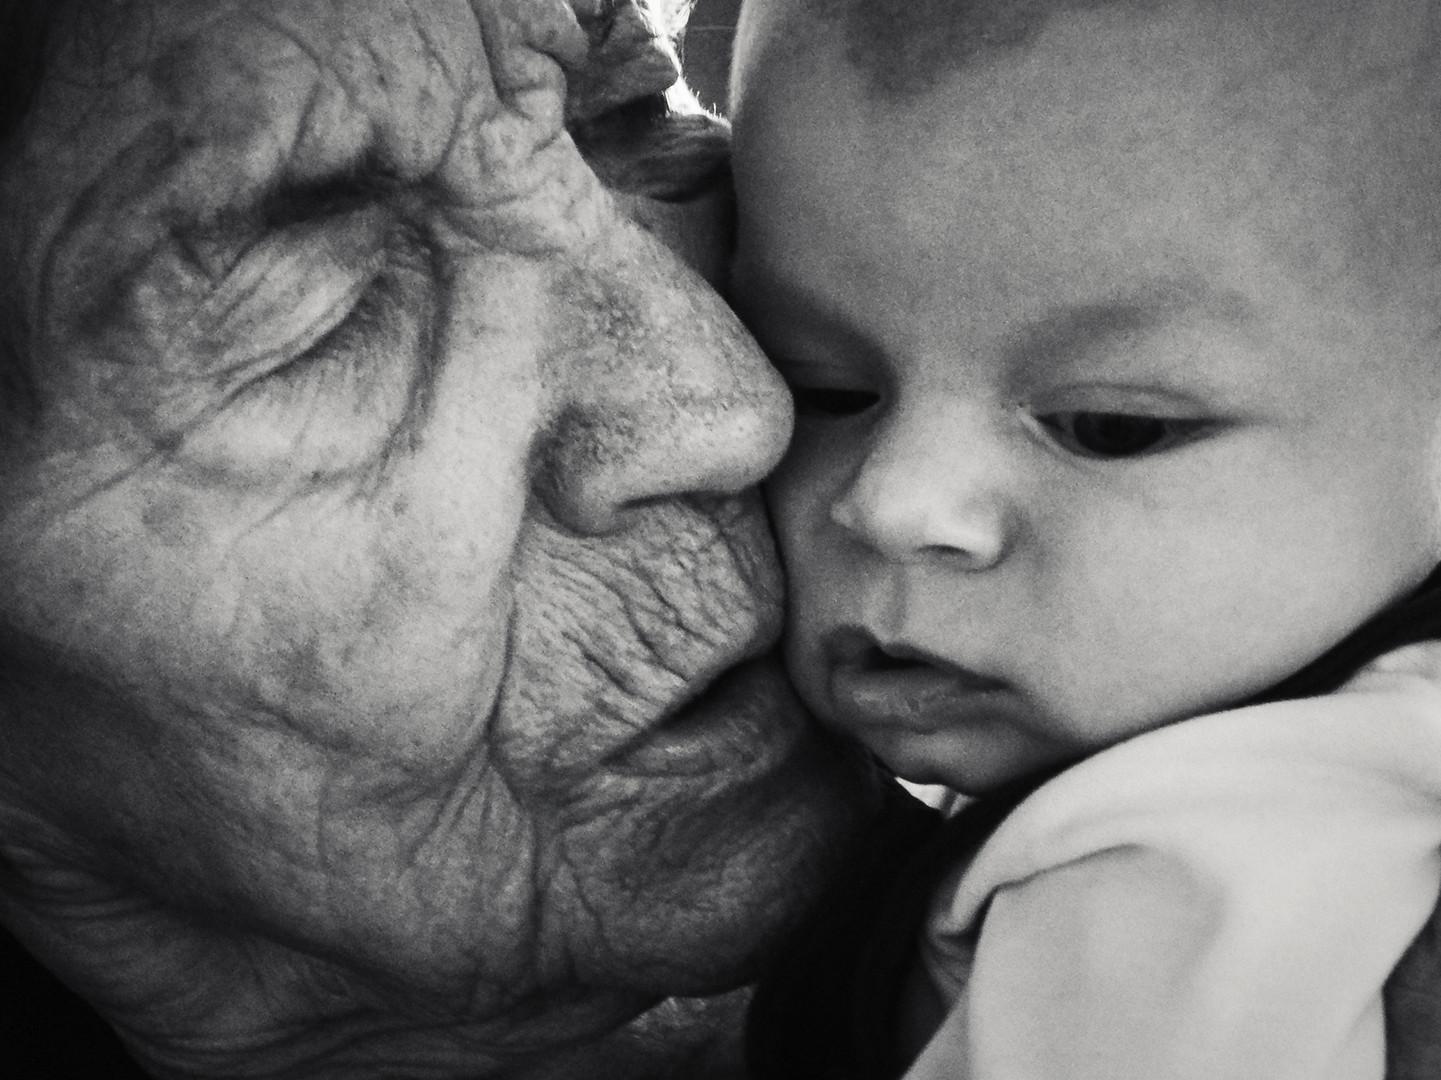 Urgrossmutter & Urenkel